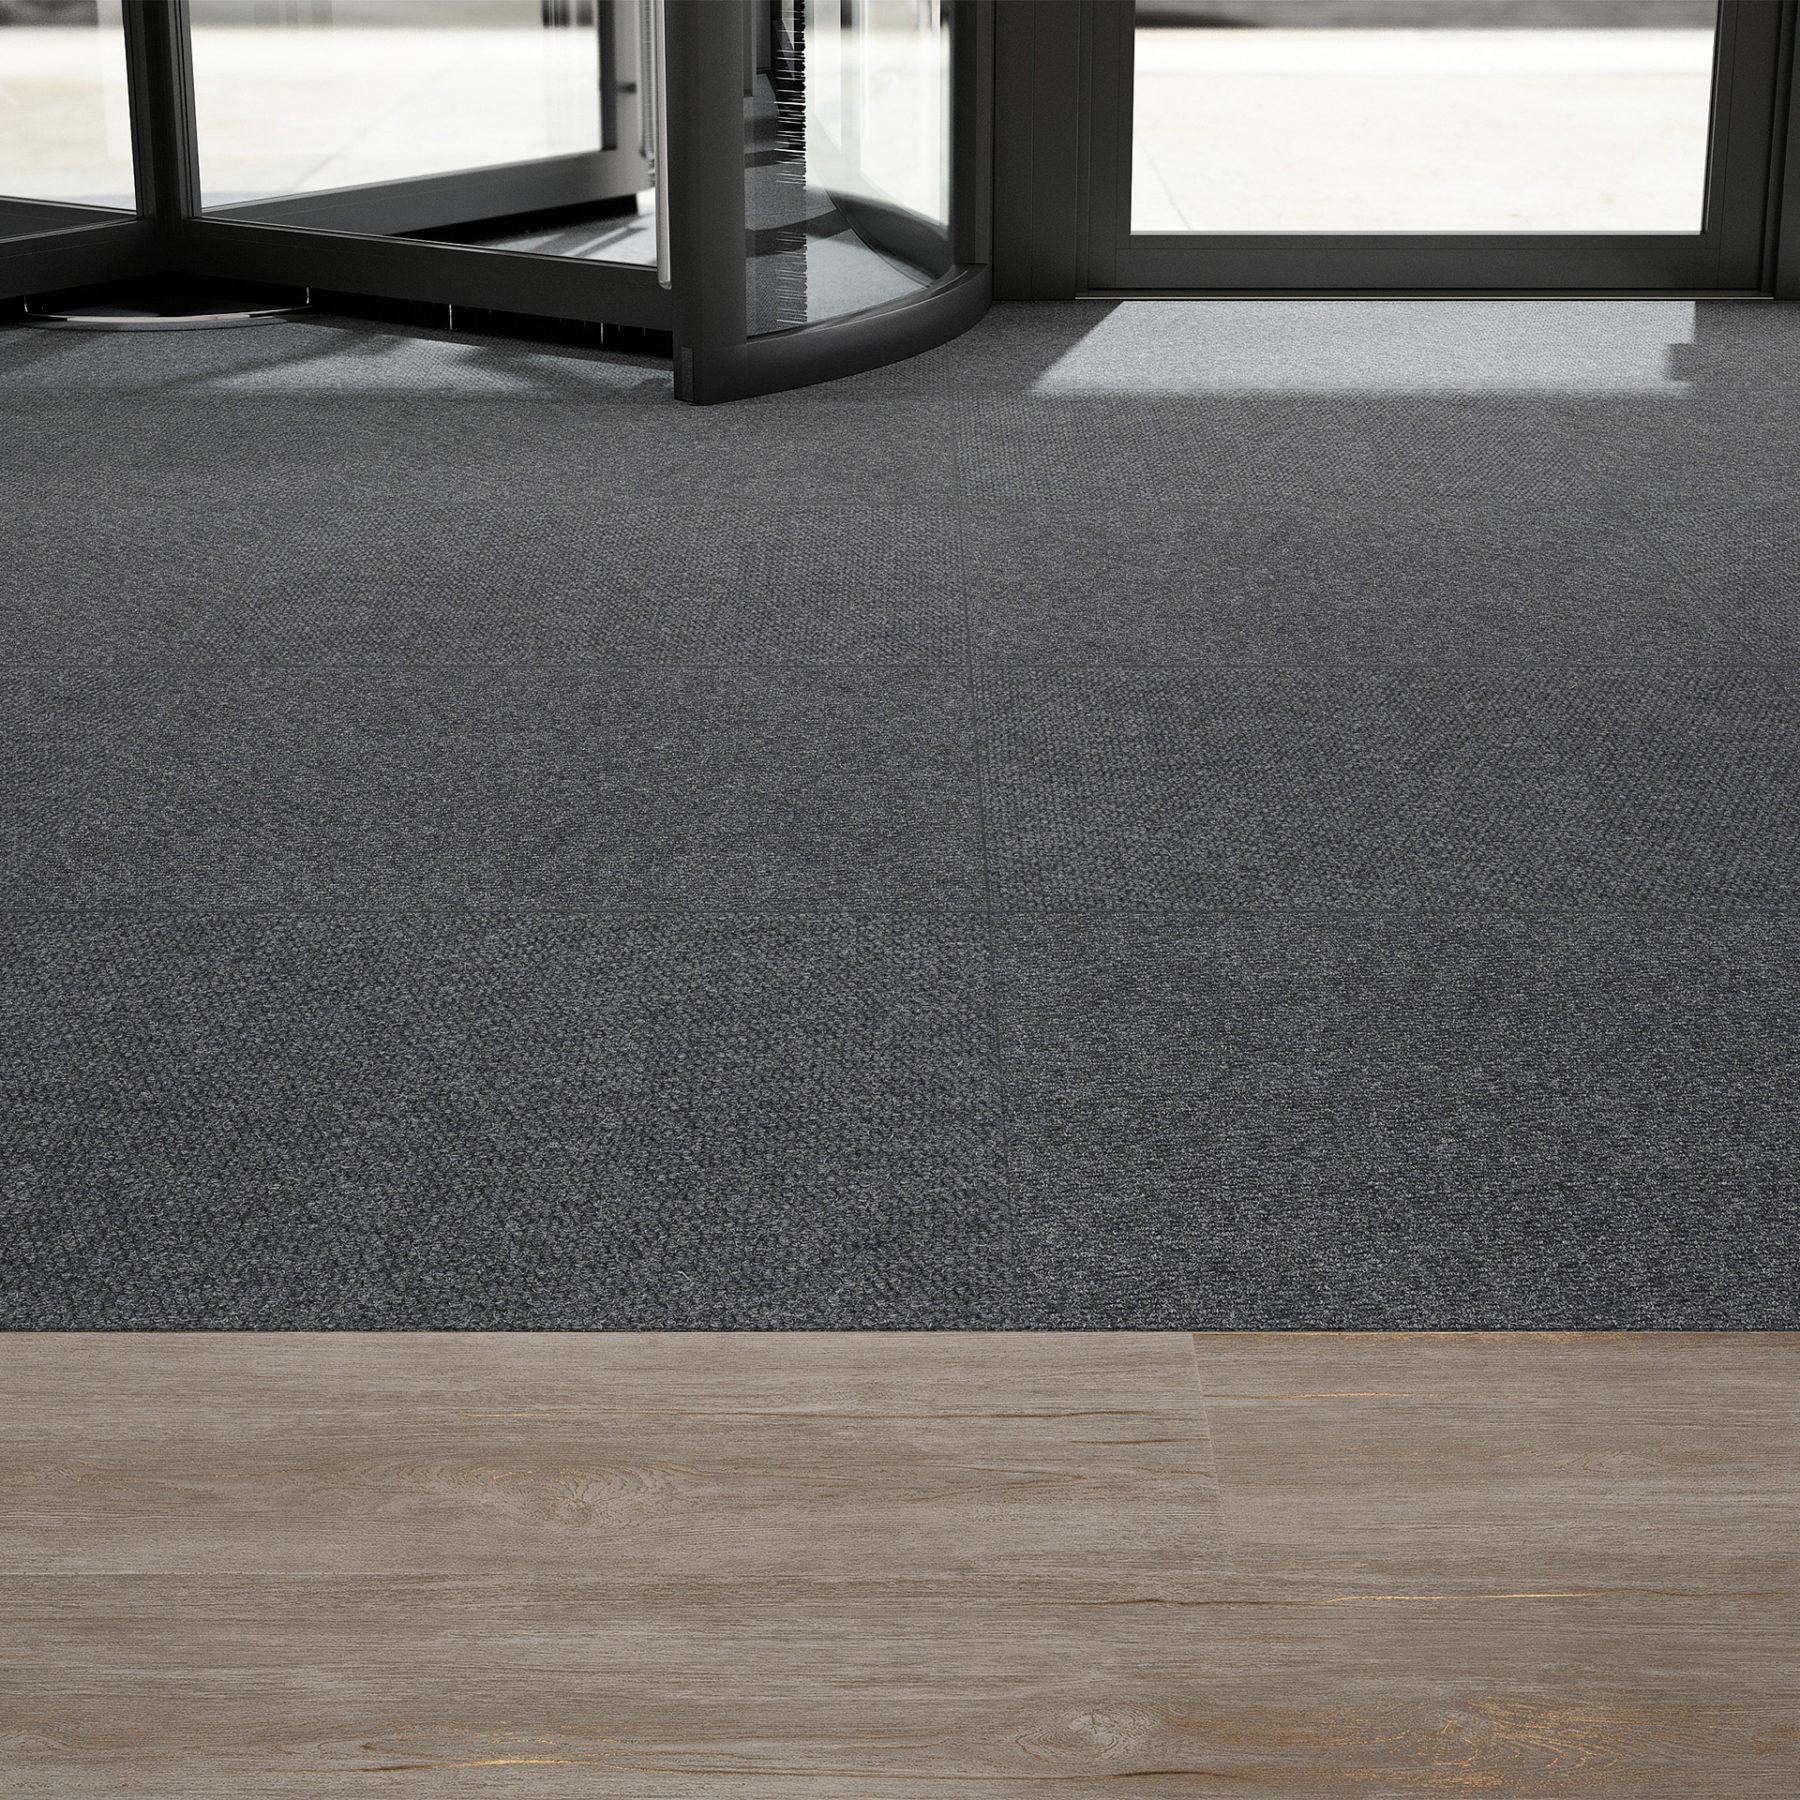 dessinateur-3d-hotel-entre-tapis-plancher